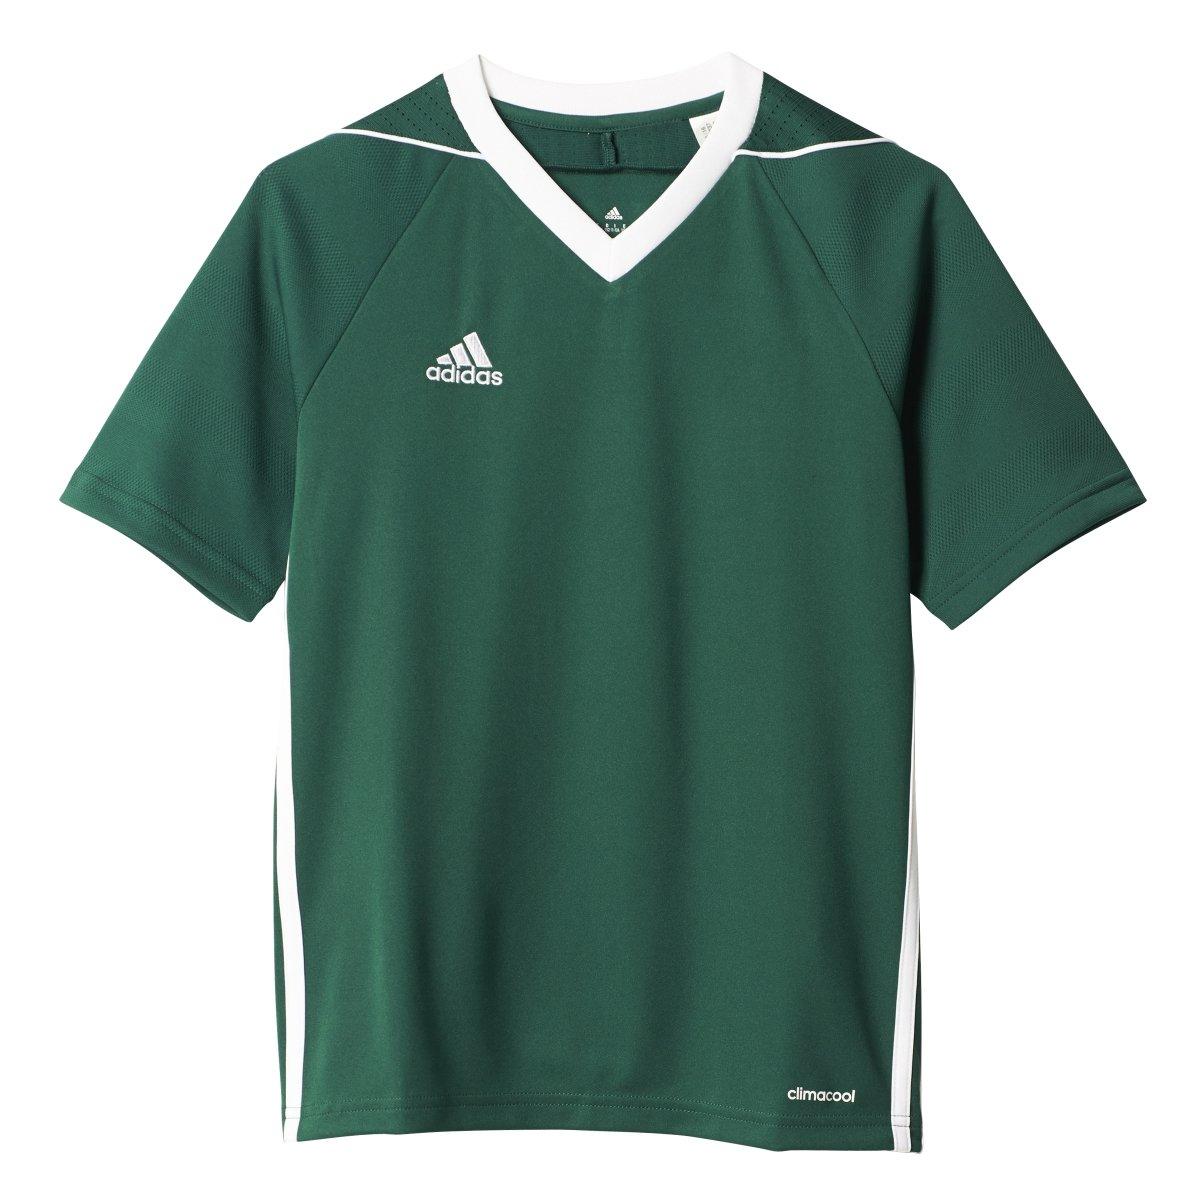 b1648200936 Adidas Youth Tiro 17 Jersey  1540968585-78011  -  29.89